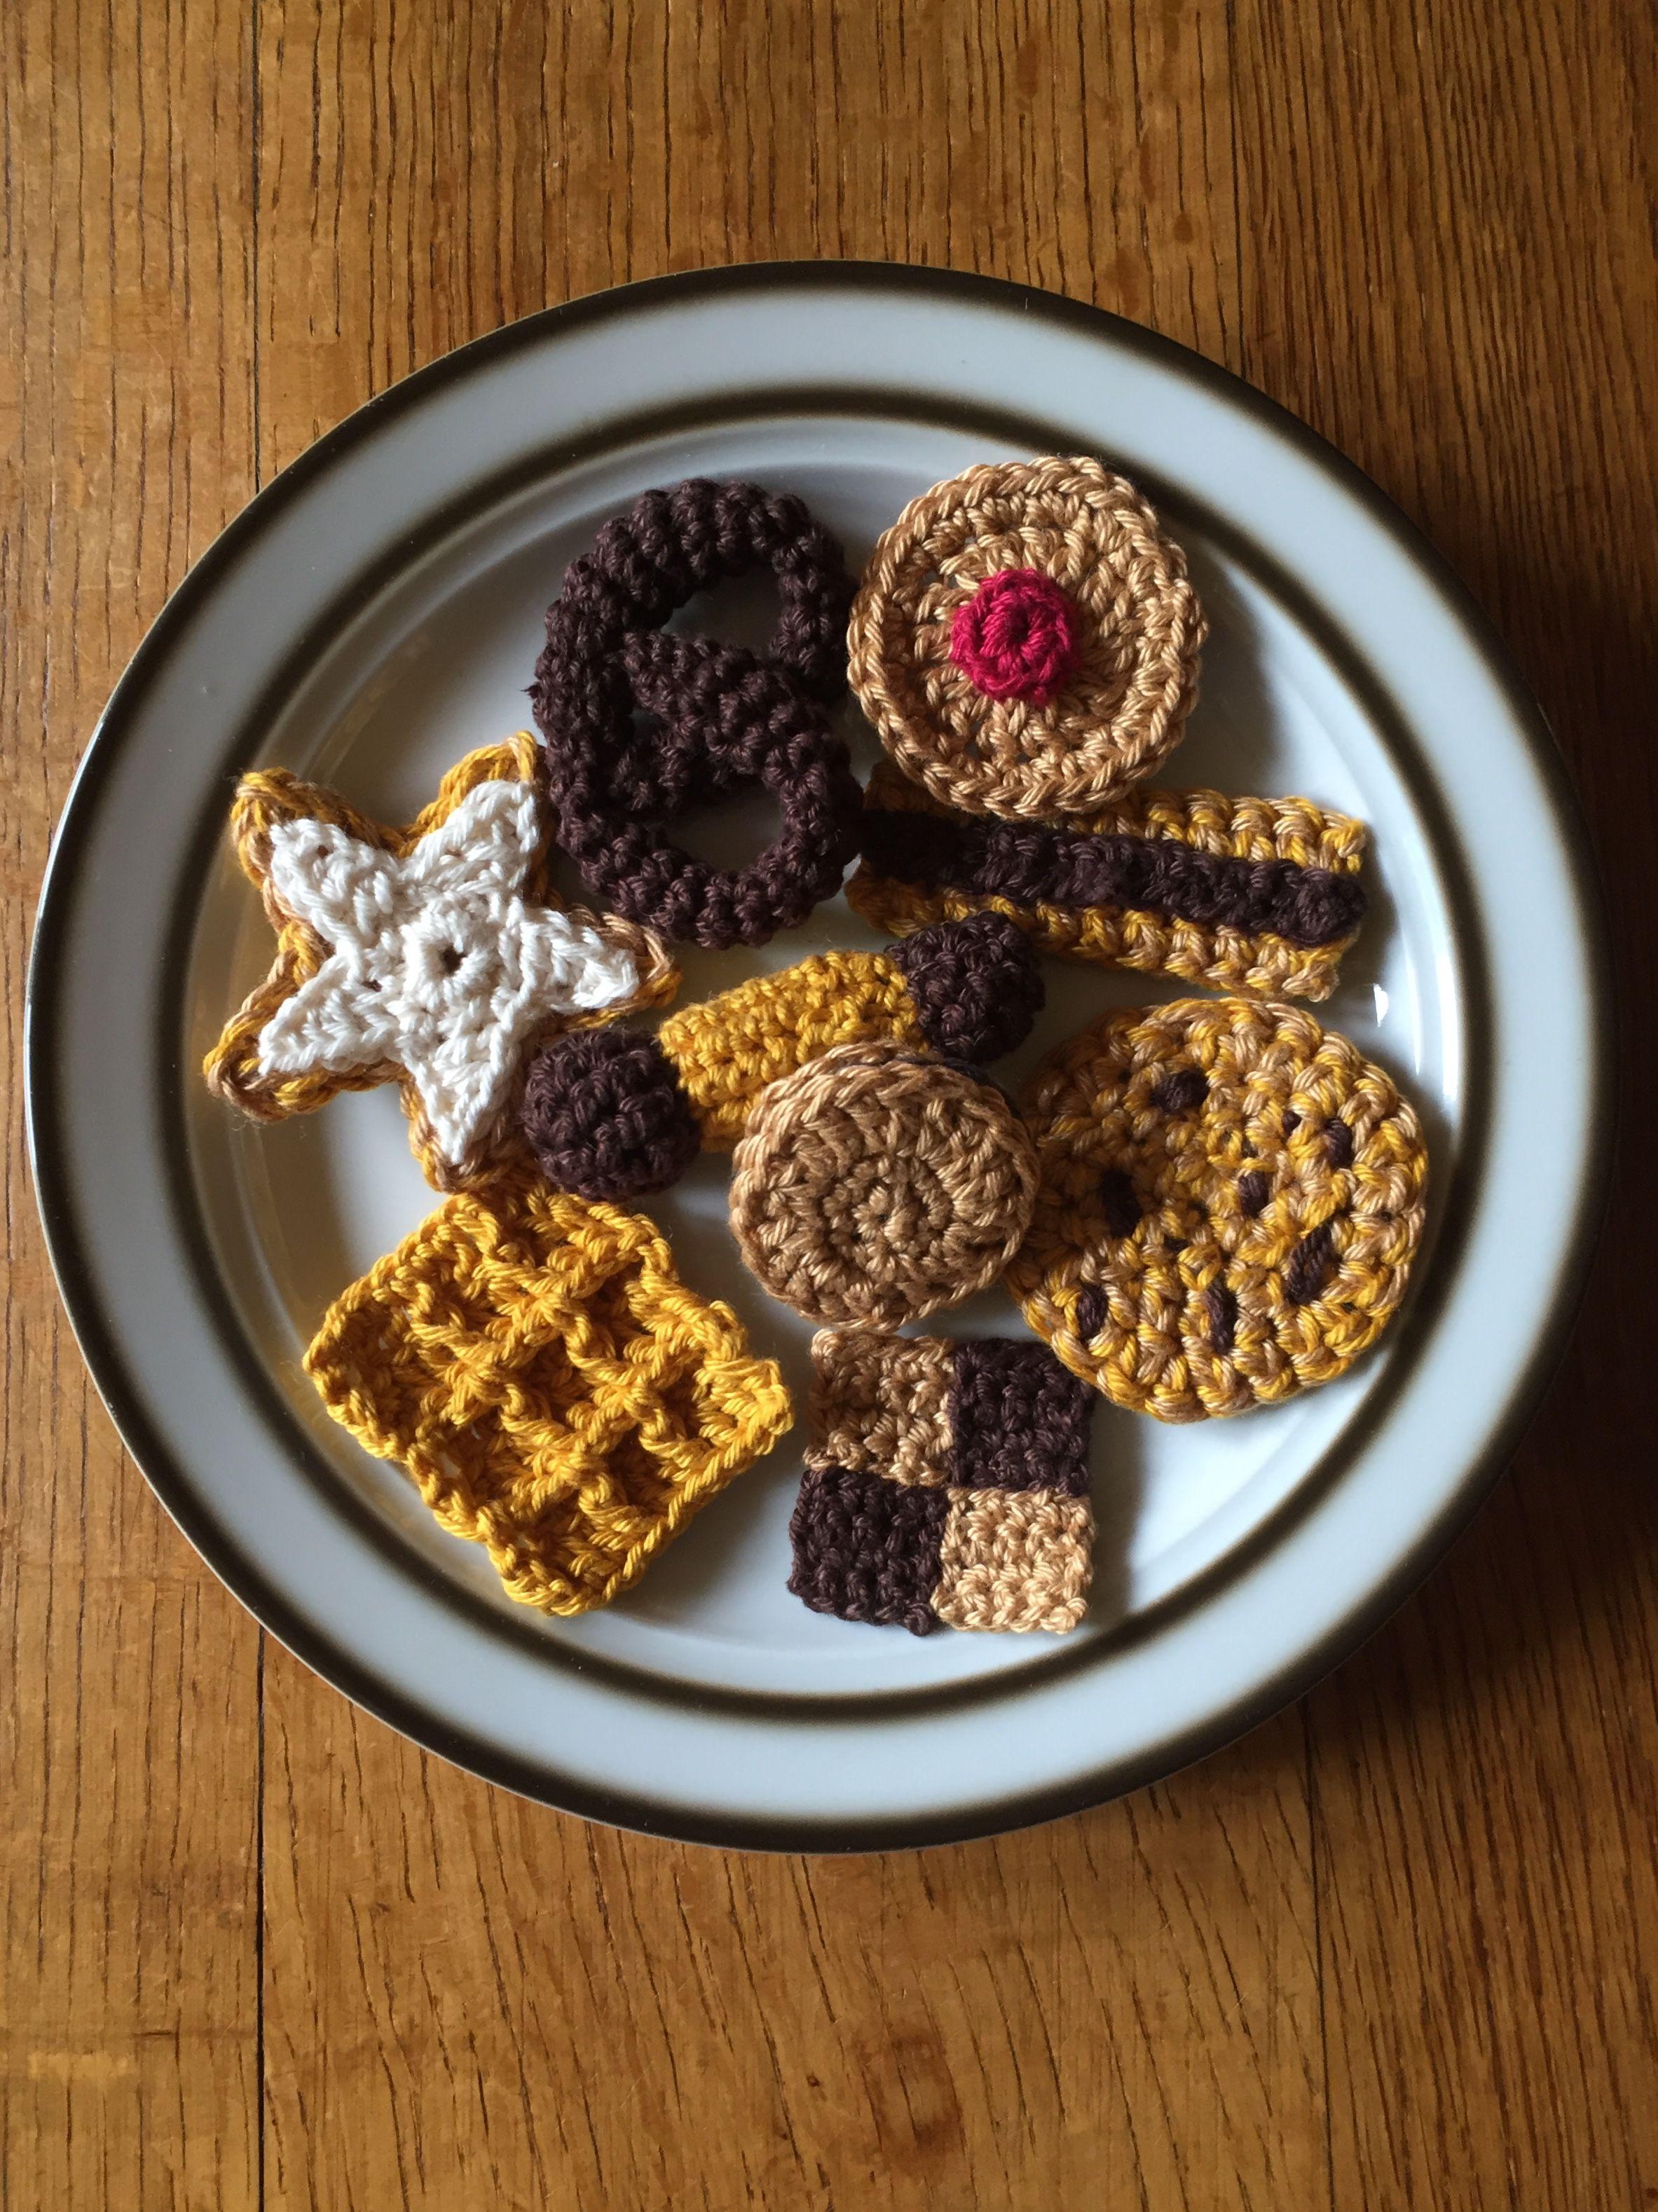 kekse f r emma h keln kekse kinderk che kaufladen yarn work. Black Bedroom Furniture Sets. Home Design Ideas